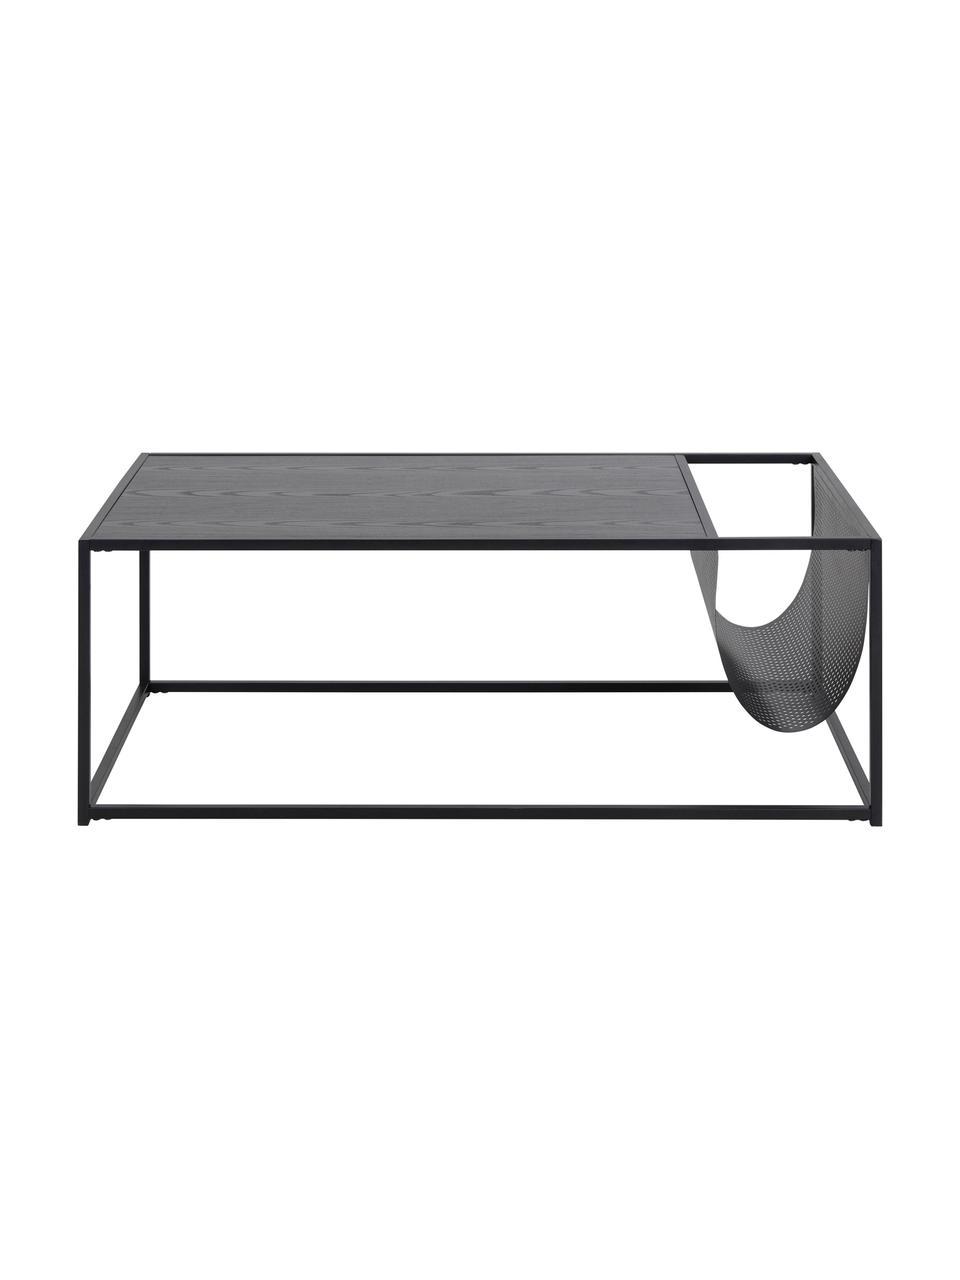 Couchtisch Seaford mit Zeitungshalterung, Tischplatte: Mitteldichte Holzfaserpla, Gestell: Metall, pulverbeschichtet, Schwarz, 110 x 40 cm